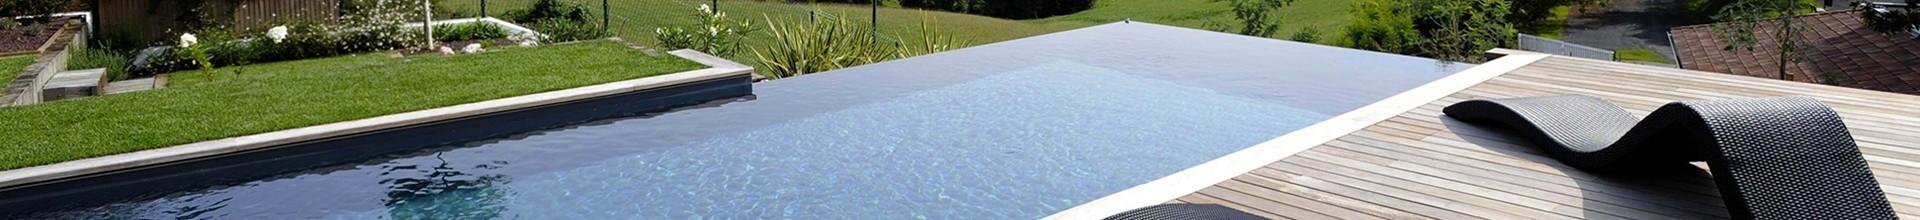 Direct usine, piscine coque prix Alpes-Maritimes